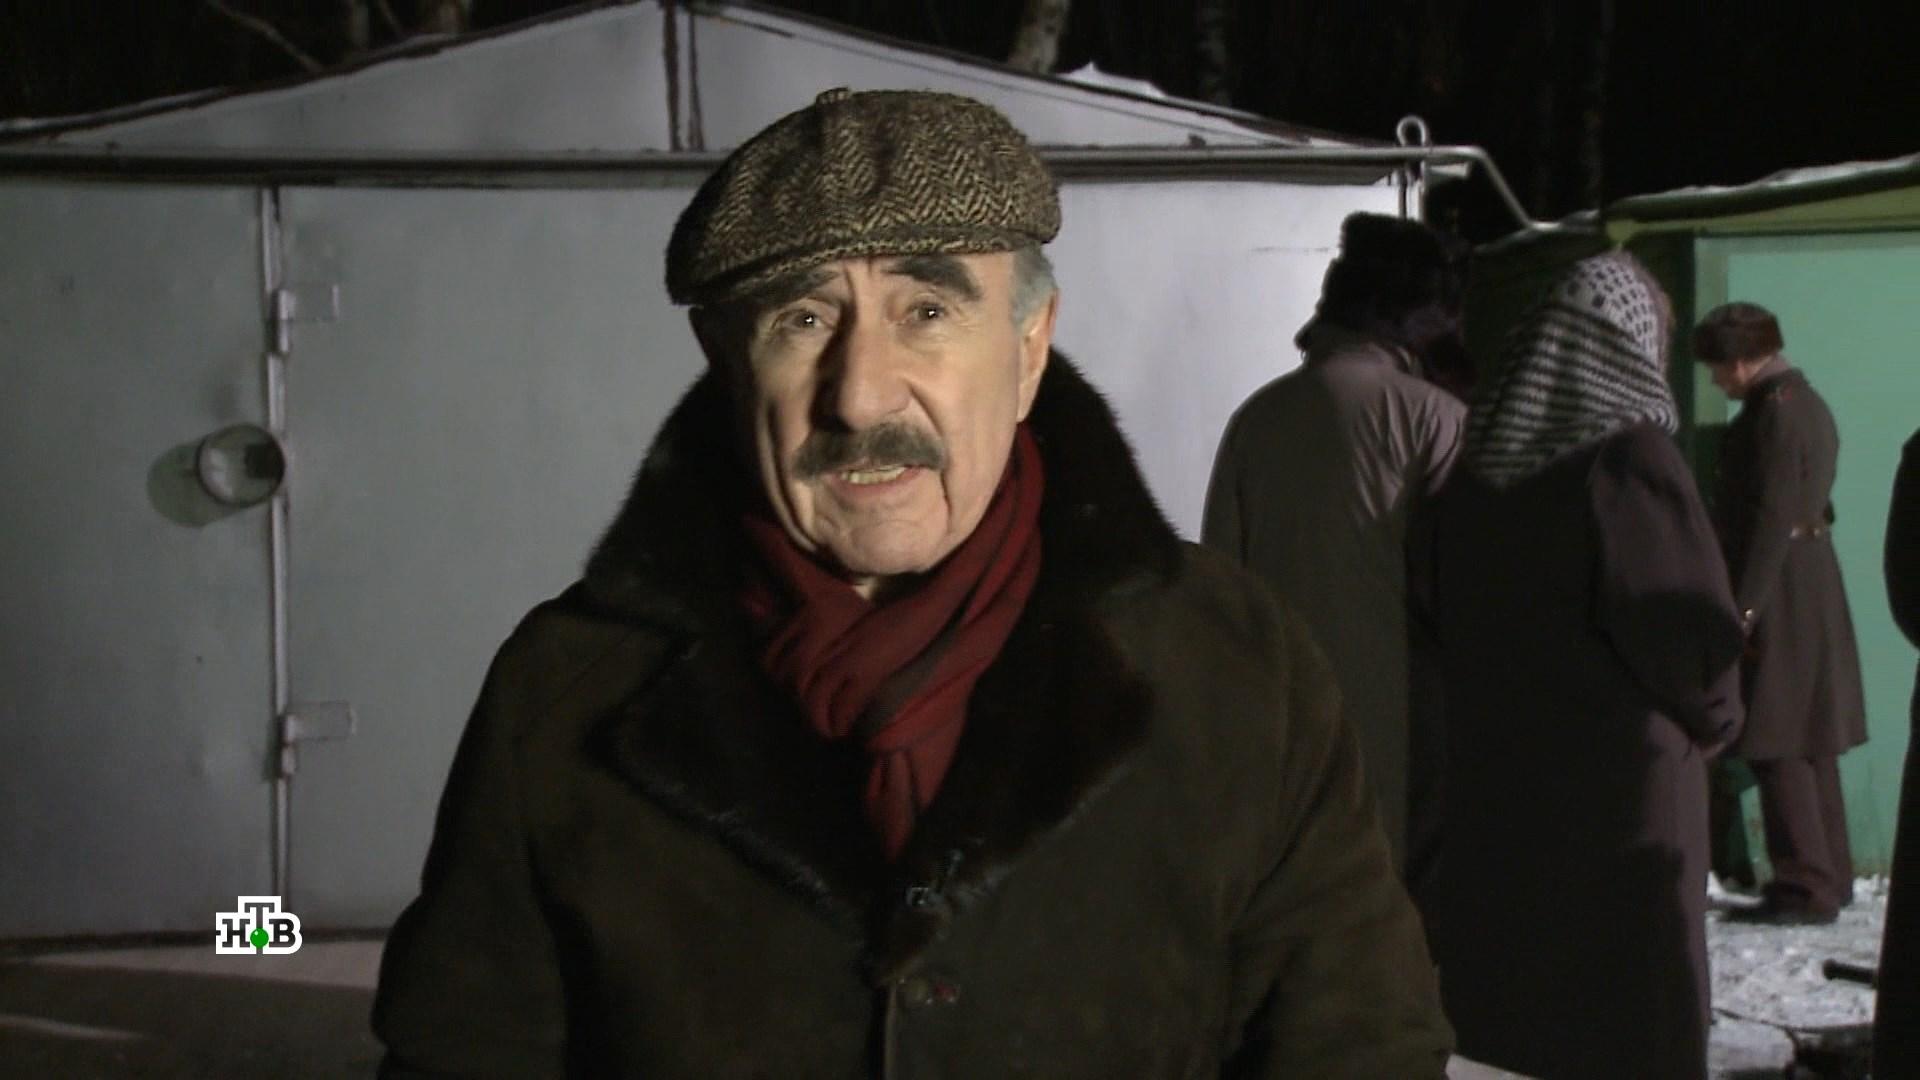 Следствие вели... с Леонидом Каневским. По тонкому льду [эфир от 15.04] (2018) WEBRip 1080p